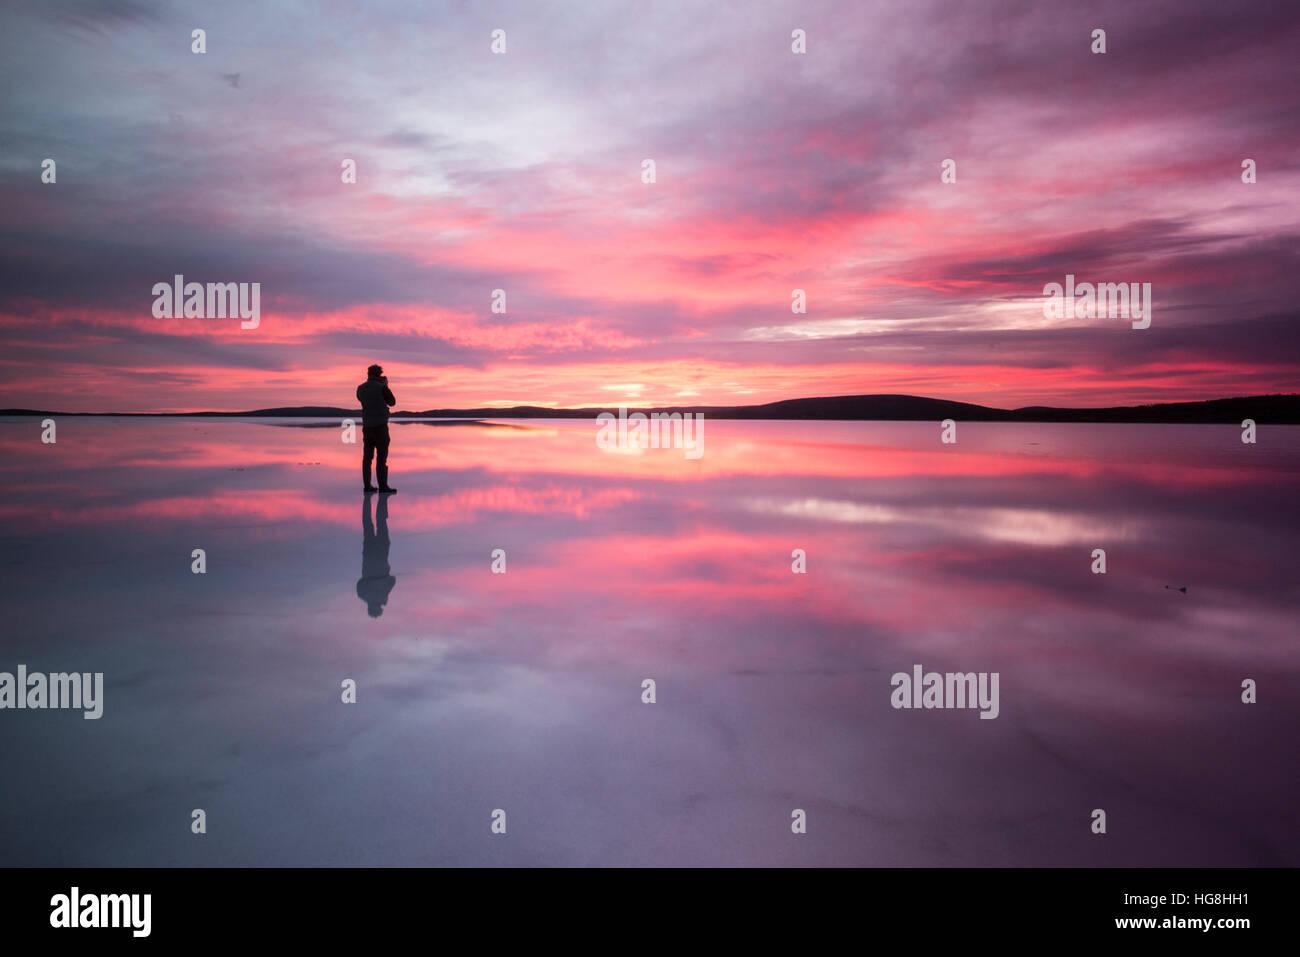 Une personne se tient sur un miroir reflète lake en regardant le coucher du soleil Photo Stock